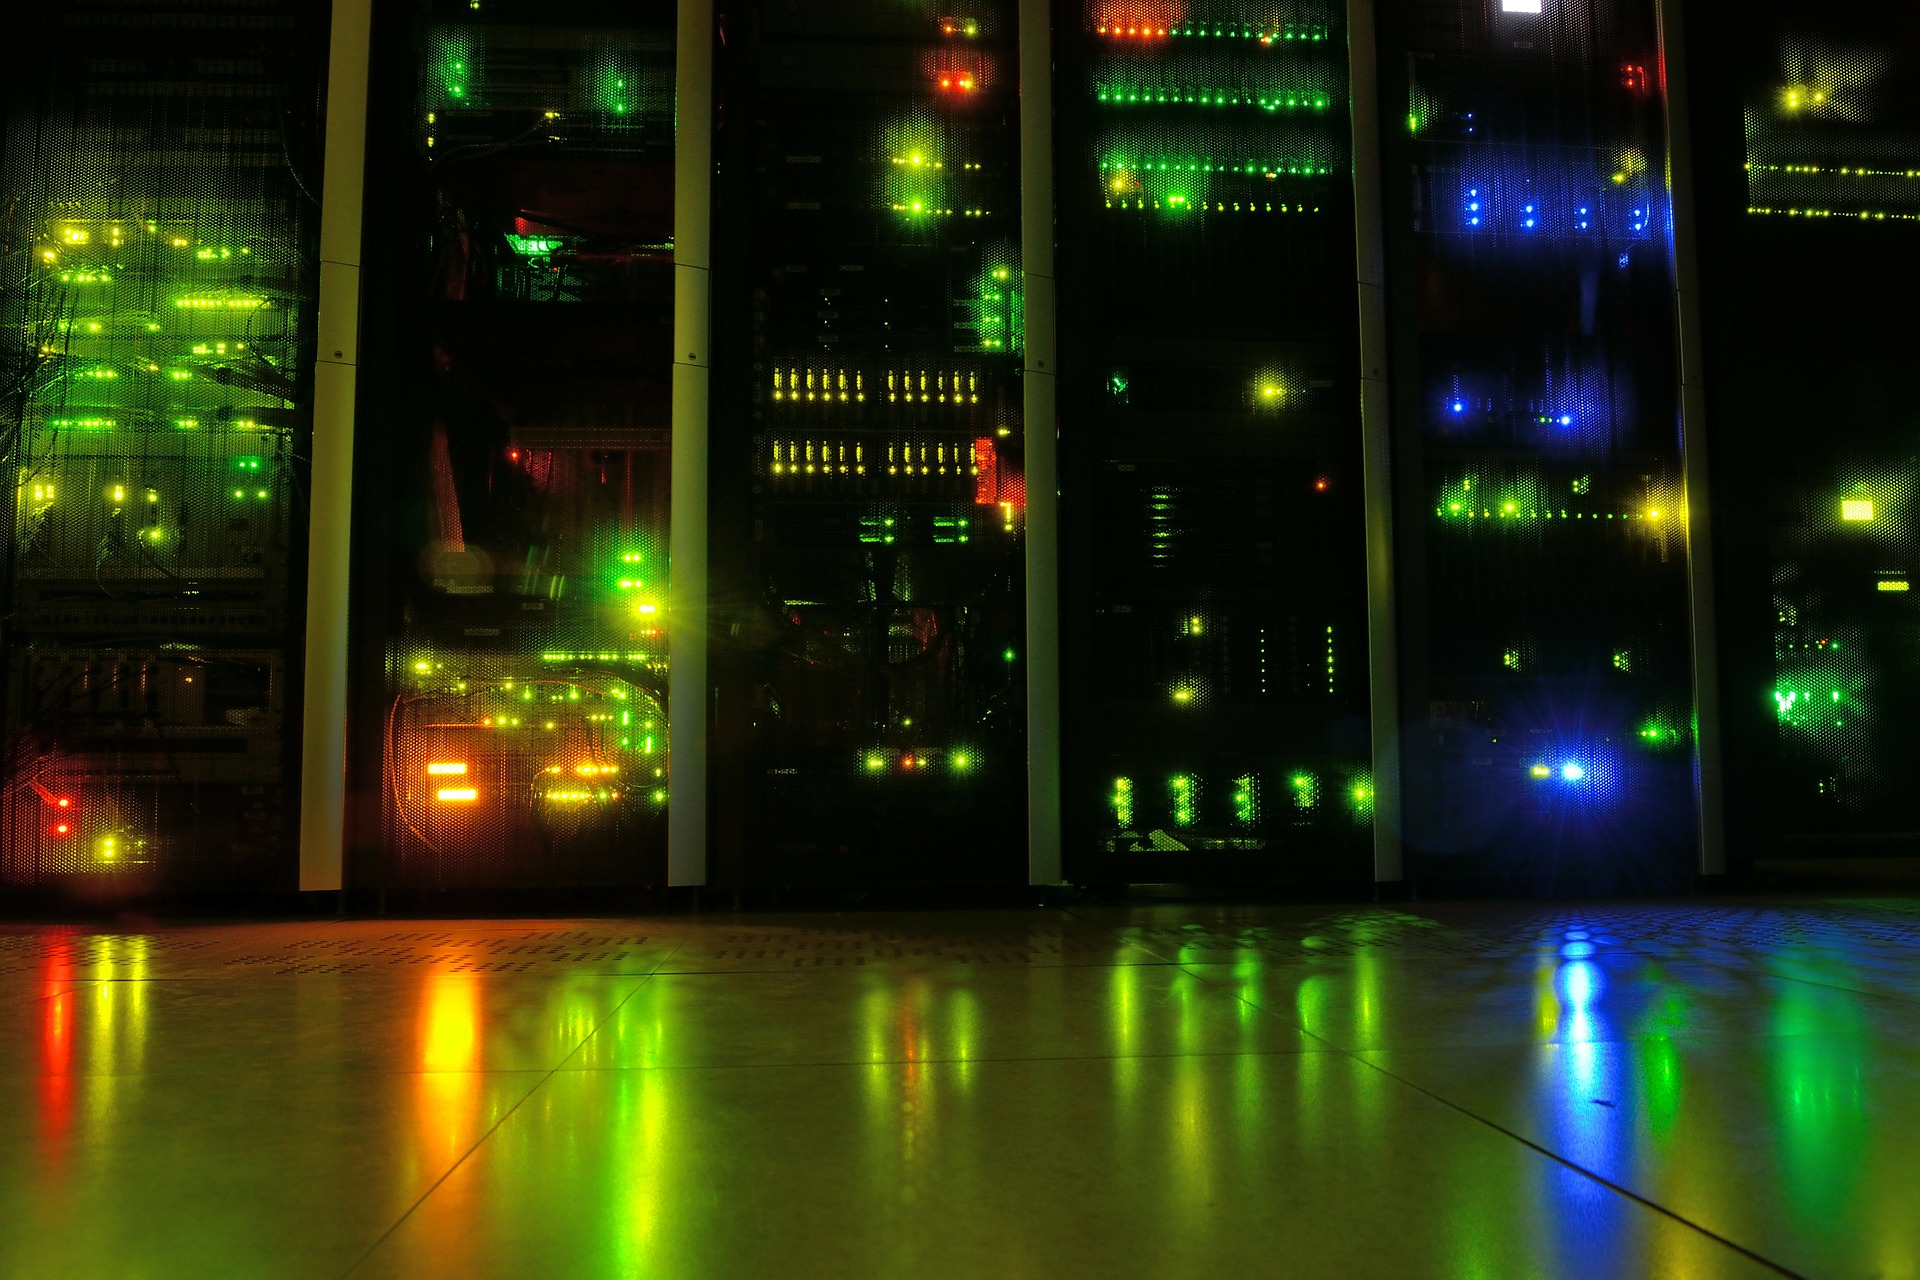 Los Servidores No Actualizados Incumplen Los Requerimientos De La Ley De Protección De Datos